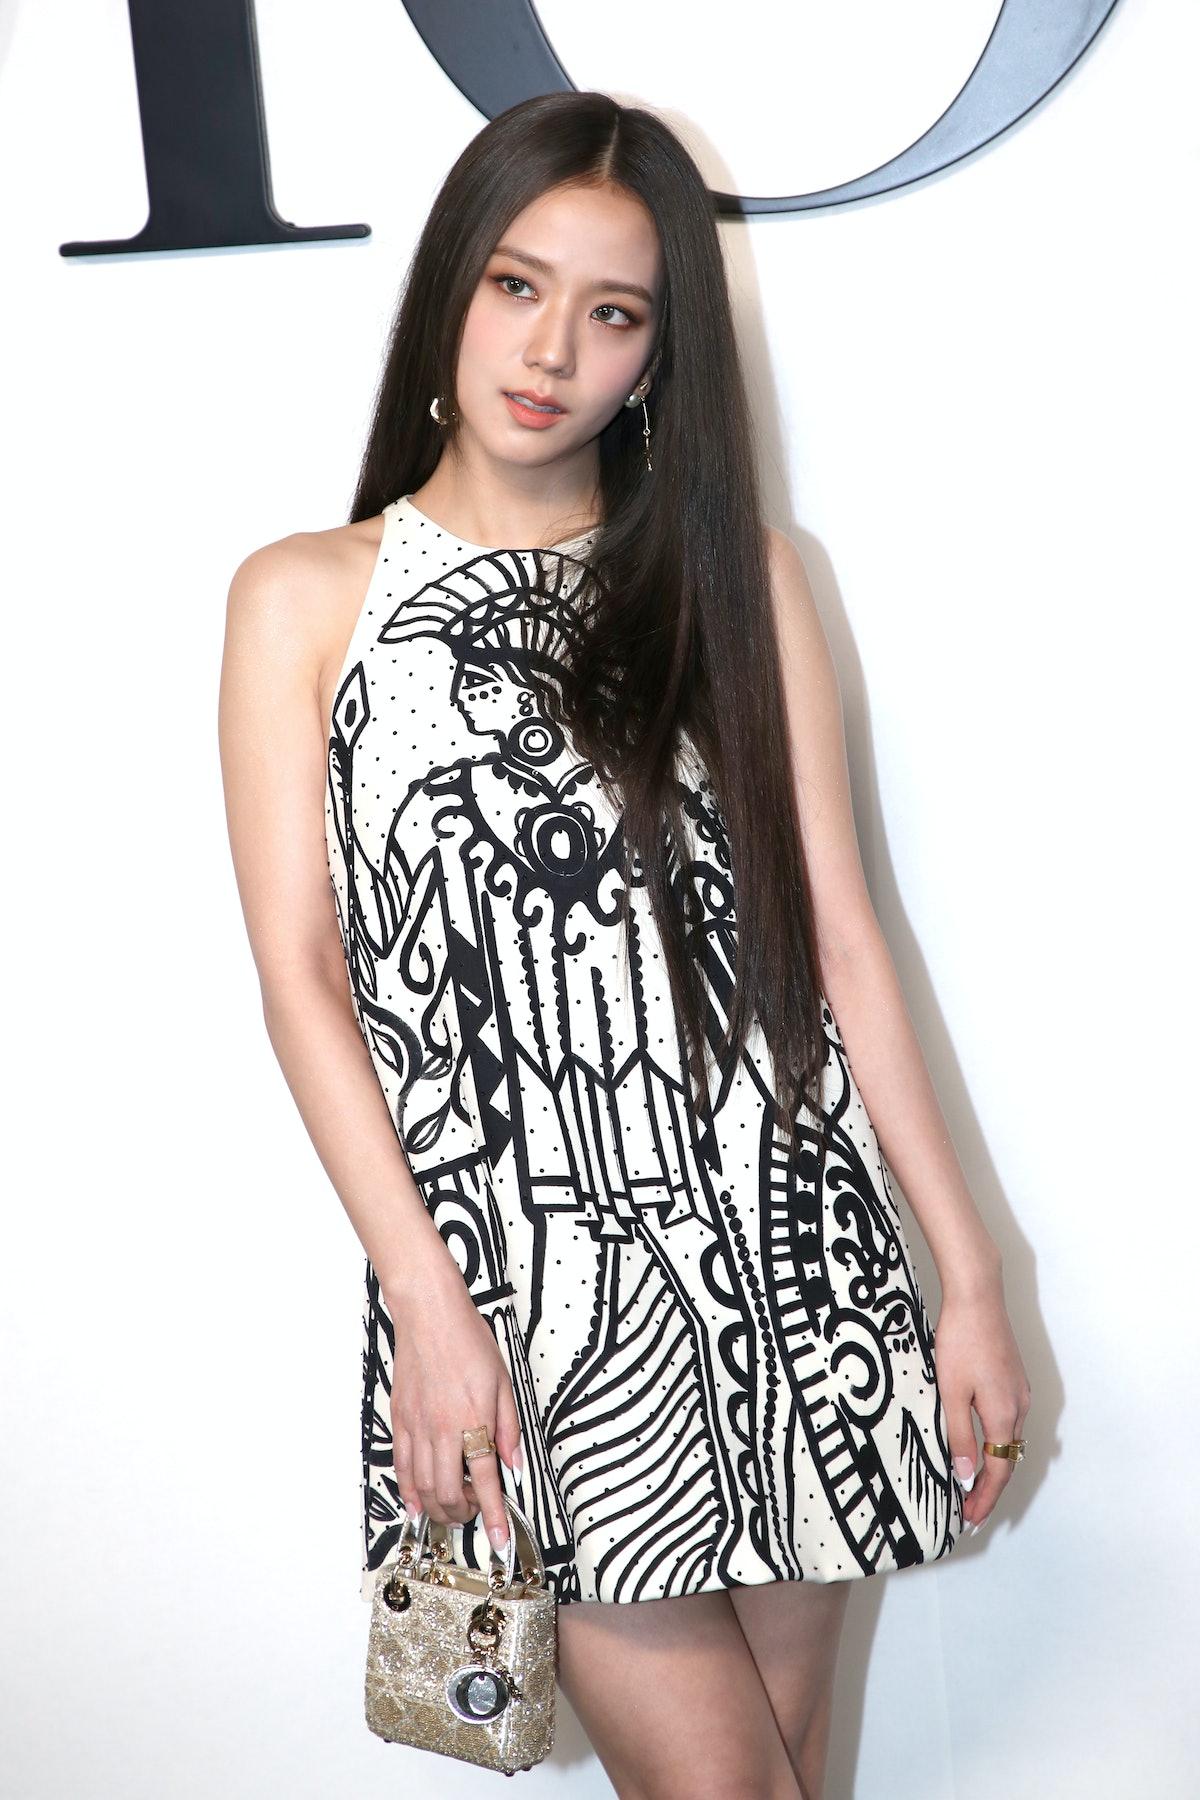 سو در نمایشگاه لباس دیور بهار/تابستان 2022 در چارچوب هفته مد پاریس در 2 سپتامبر شرکت می کند ...